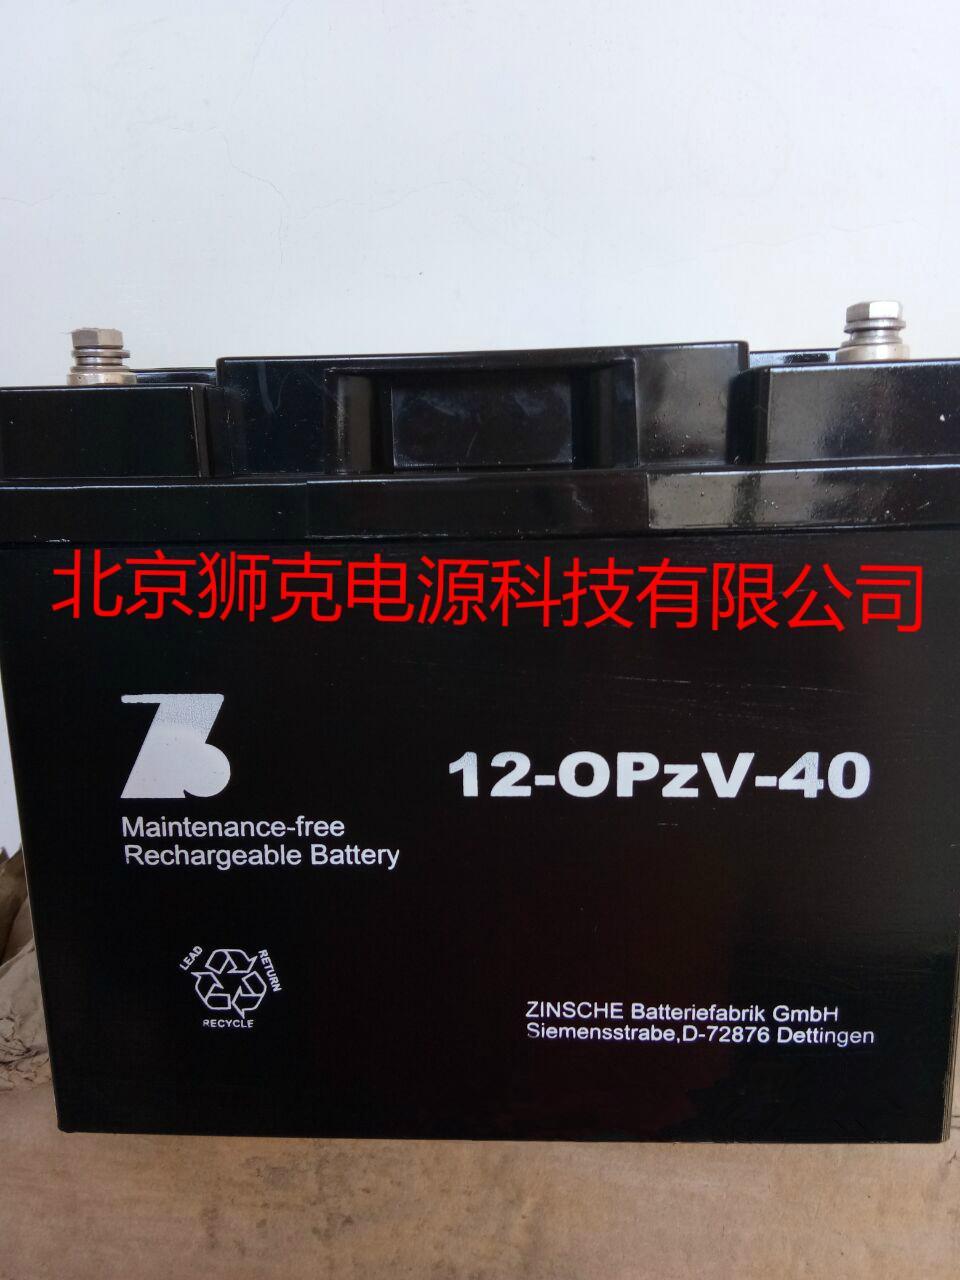 德國森泉(ZINSCHE)蓄電池2-OPzV-1000抗深放電 2